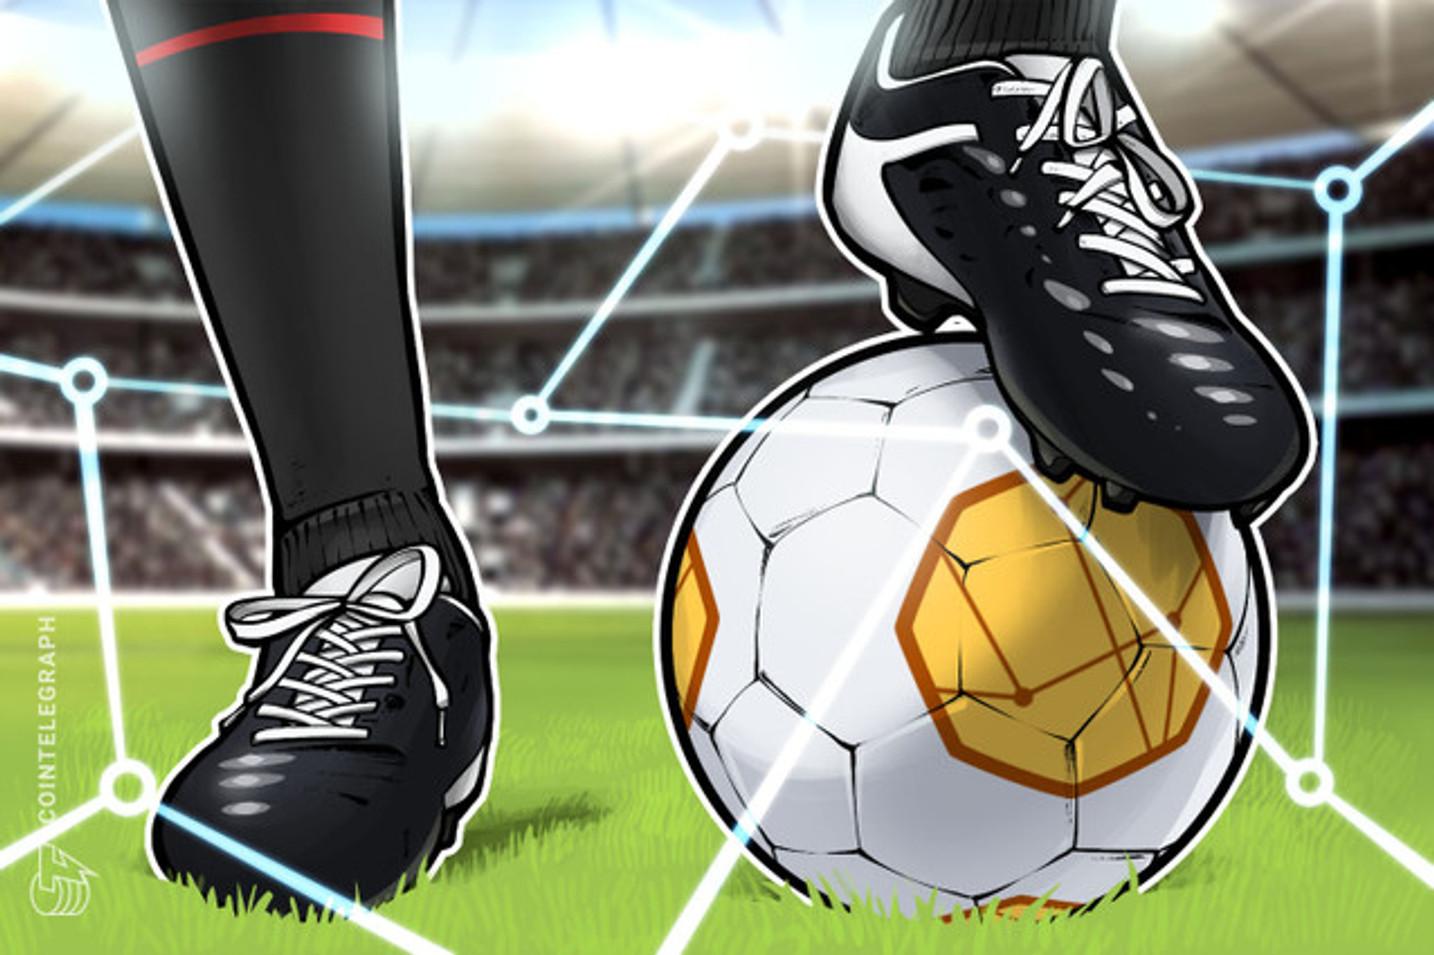 La Juventus annuncia il proprio ingresso nel mondo degli NFT